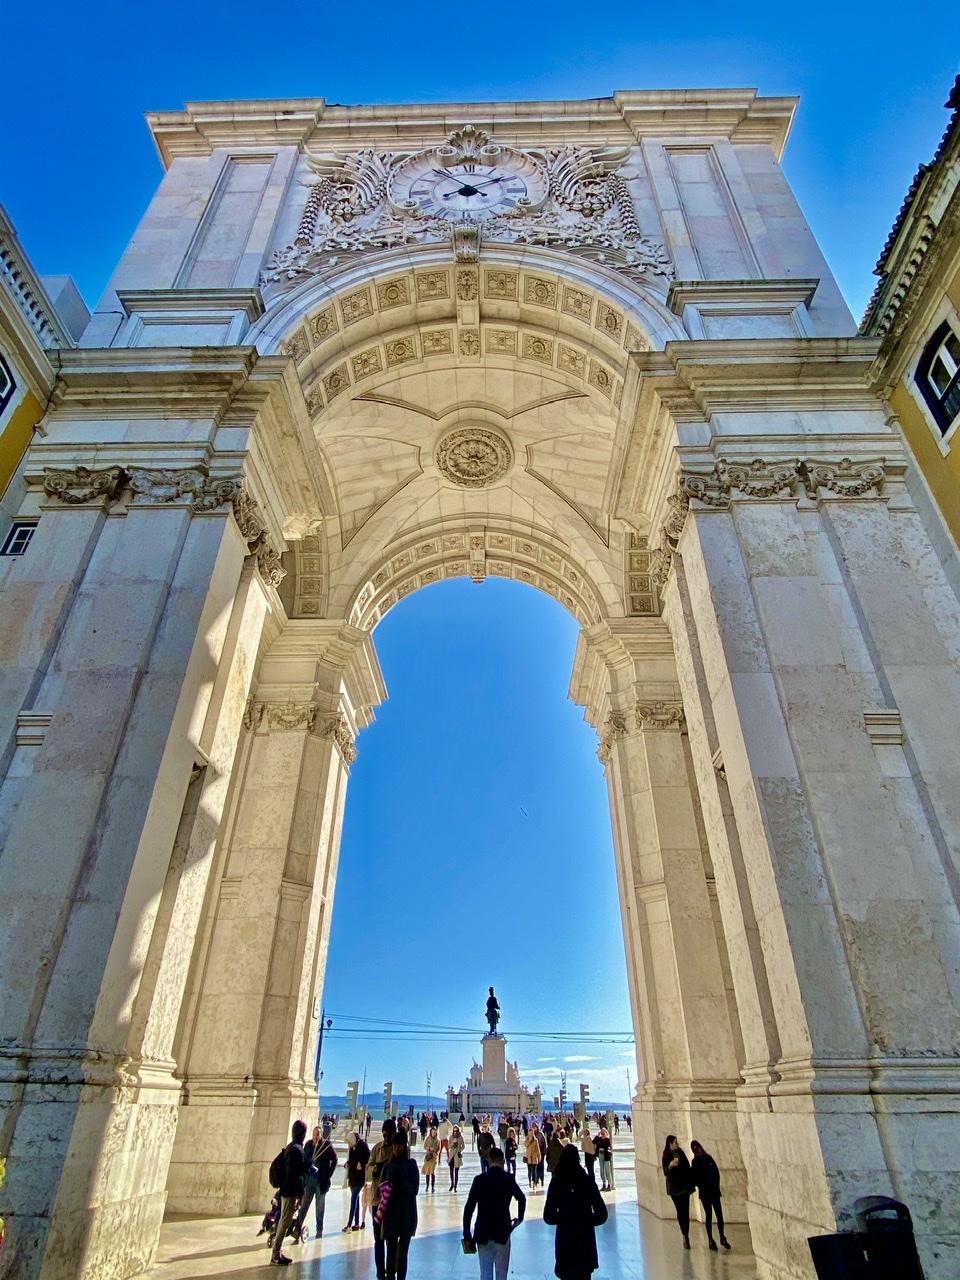 O majestoso Arco da Rua Augusta na Baixa de Lisboa